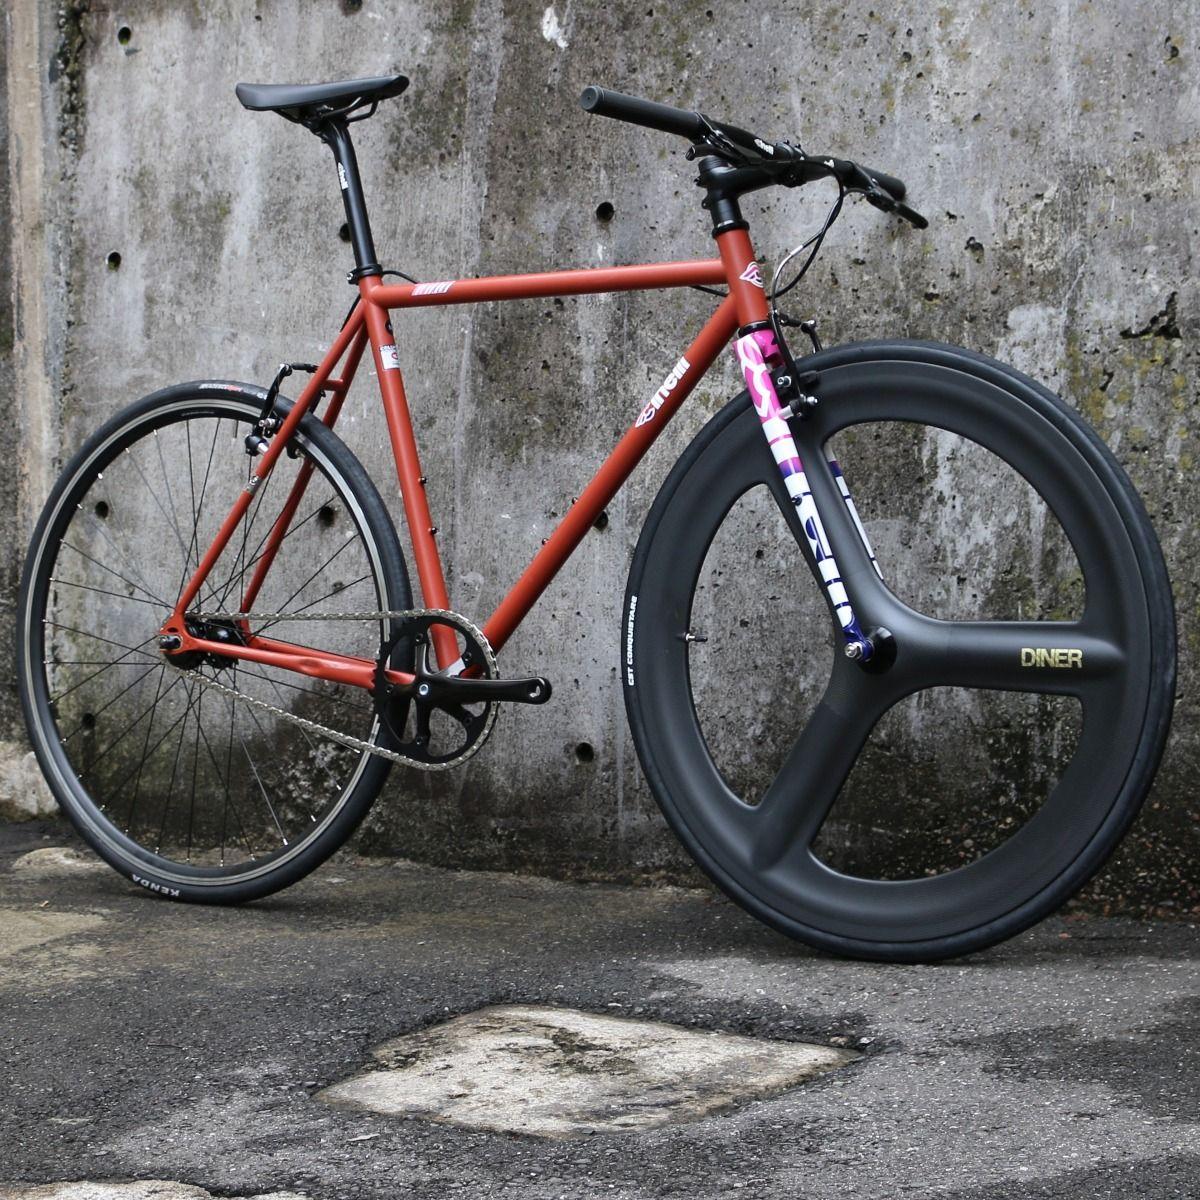 ピストバイク 完成車 CINELLI TUTTO 3SPOKE CARBON CUSTOM ダイアモンド&ラストPISTBIKE